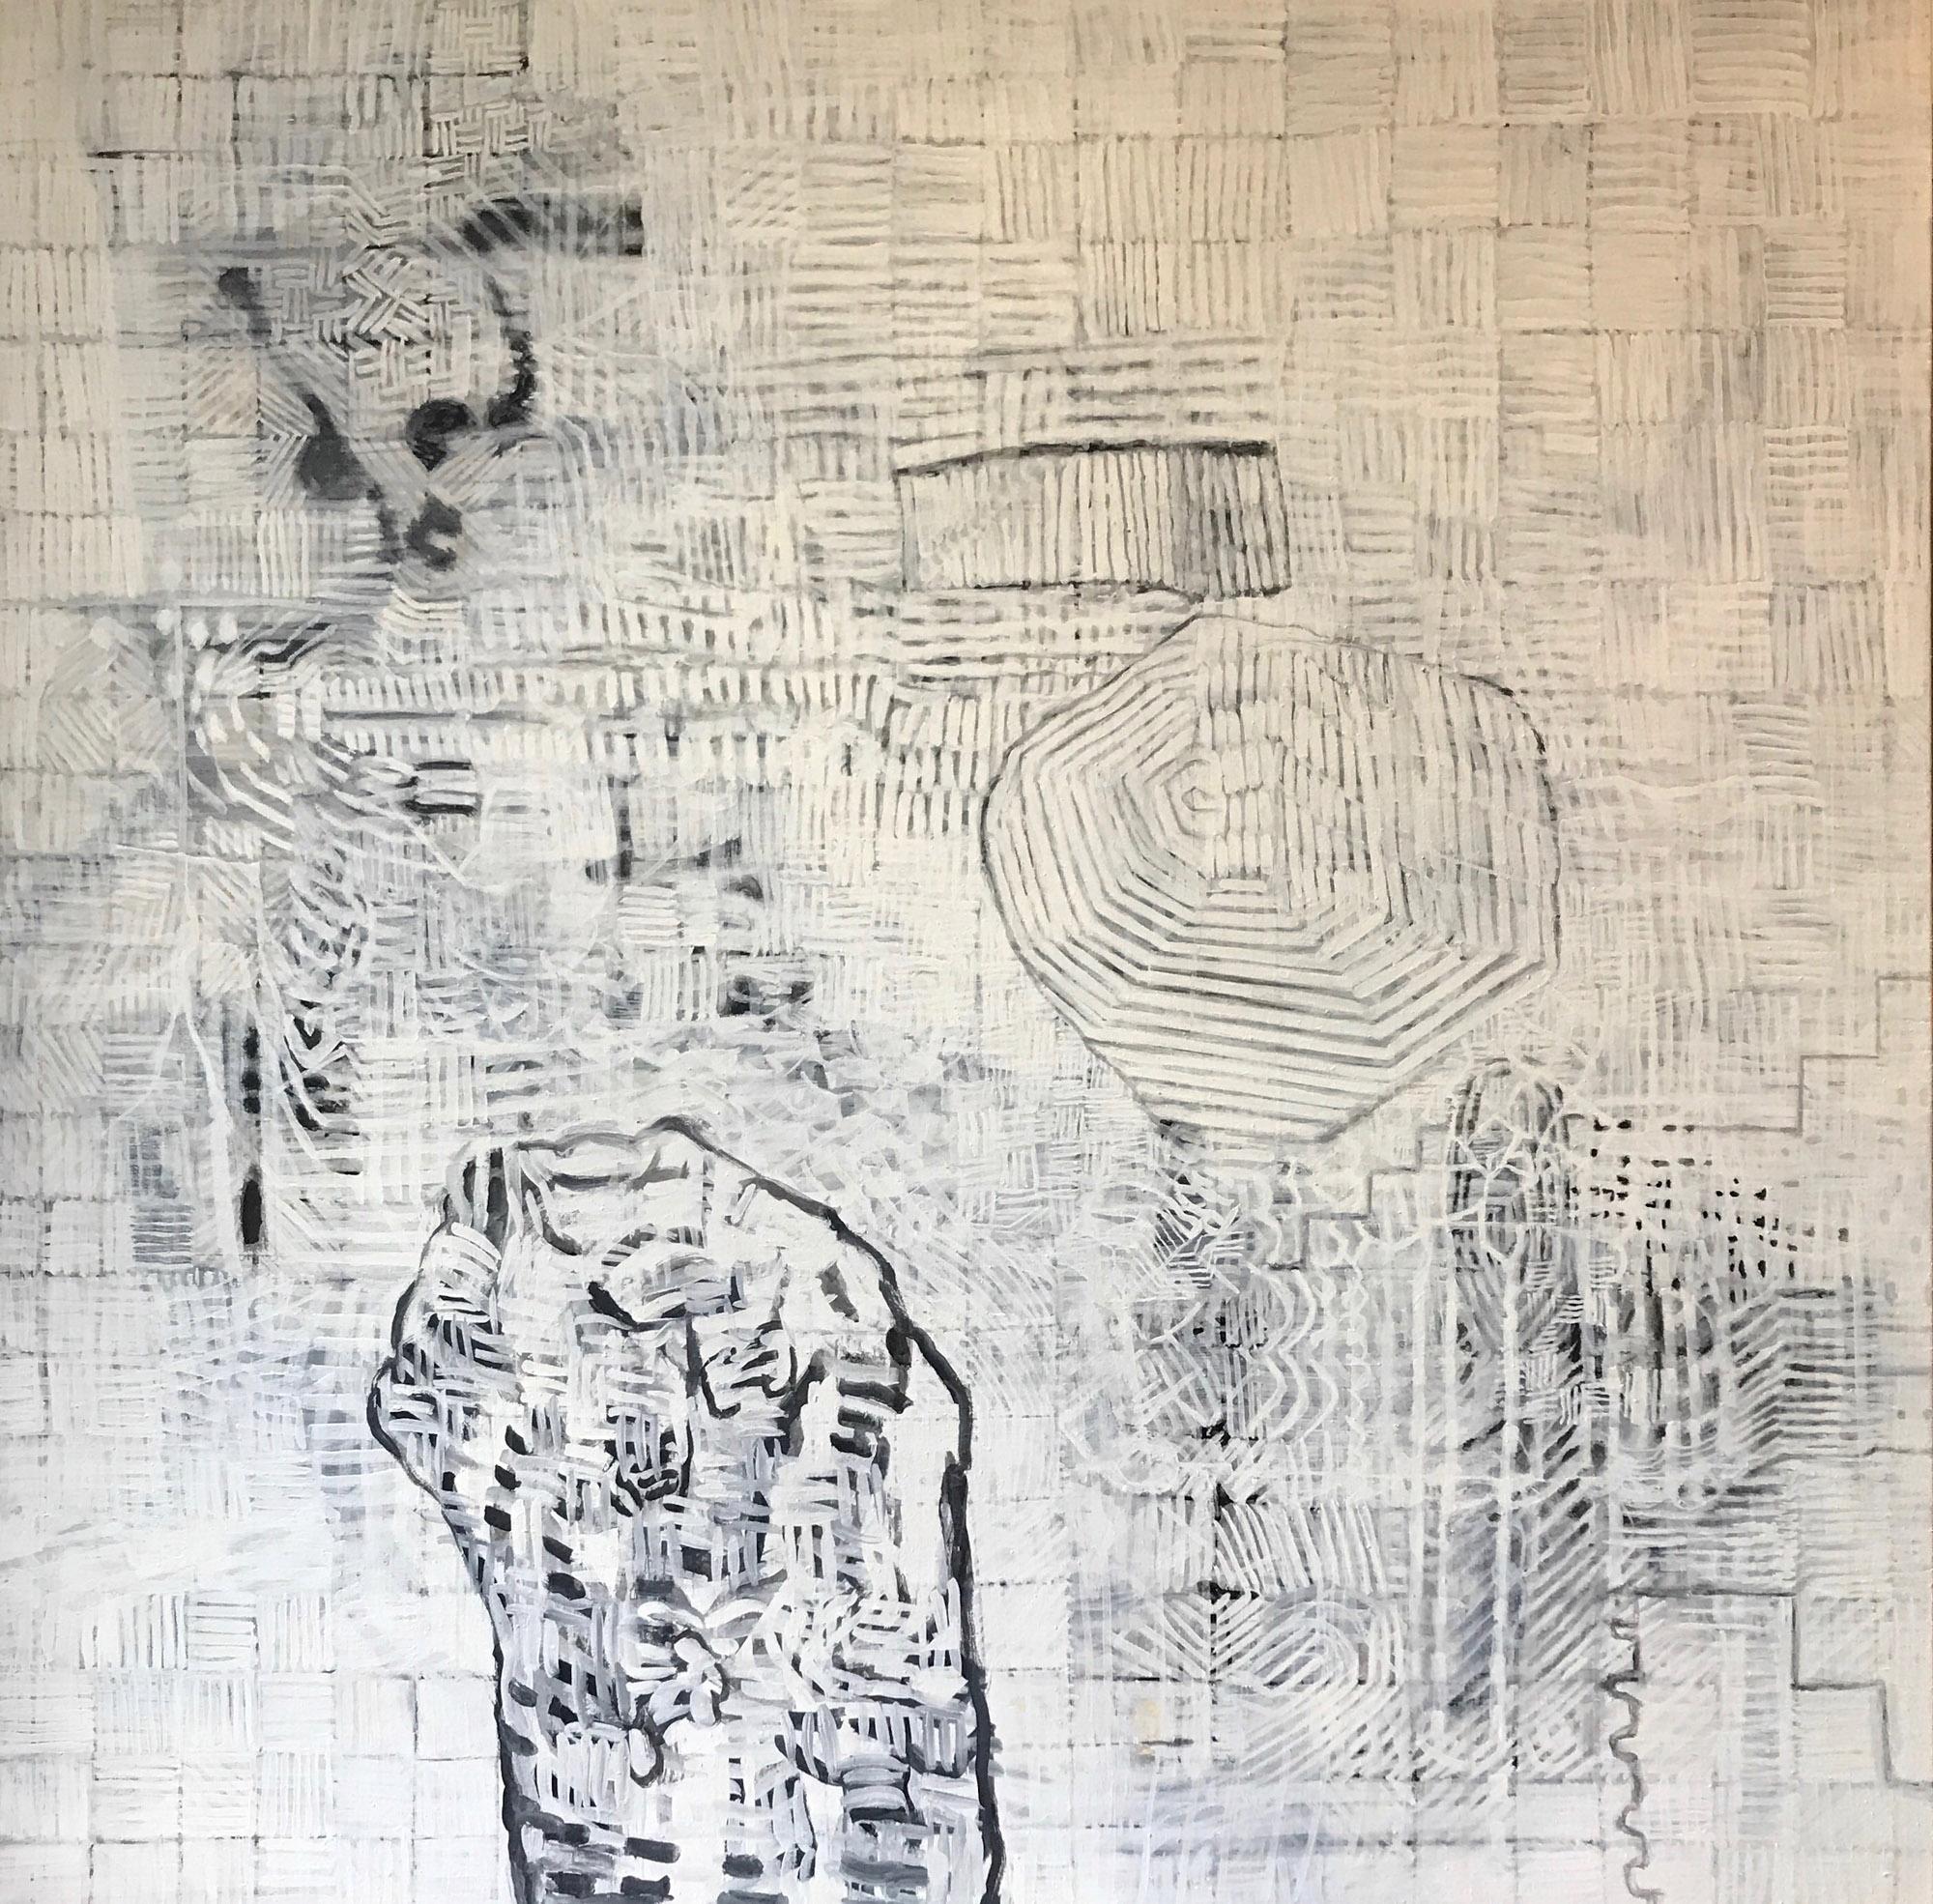 screen dump 2 2014 - 2017 | Egg tempera on linen | 183 x 183 cm